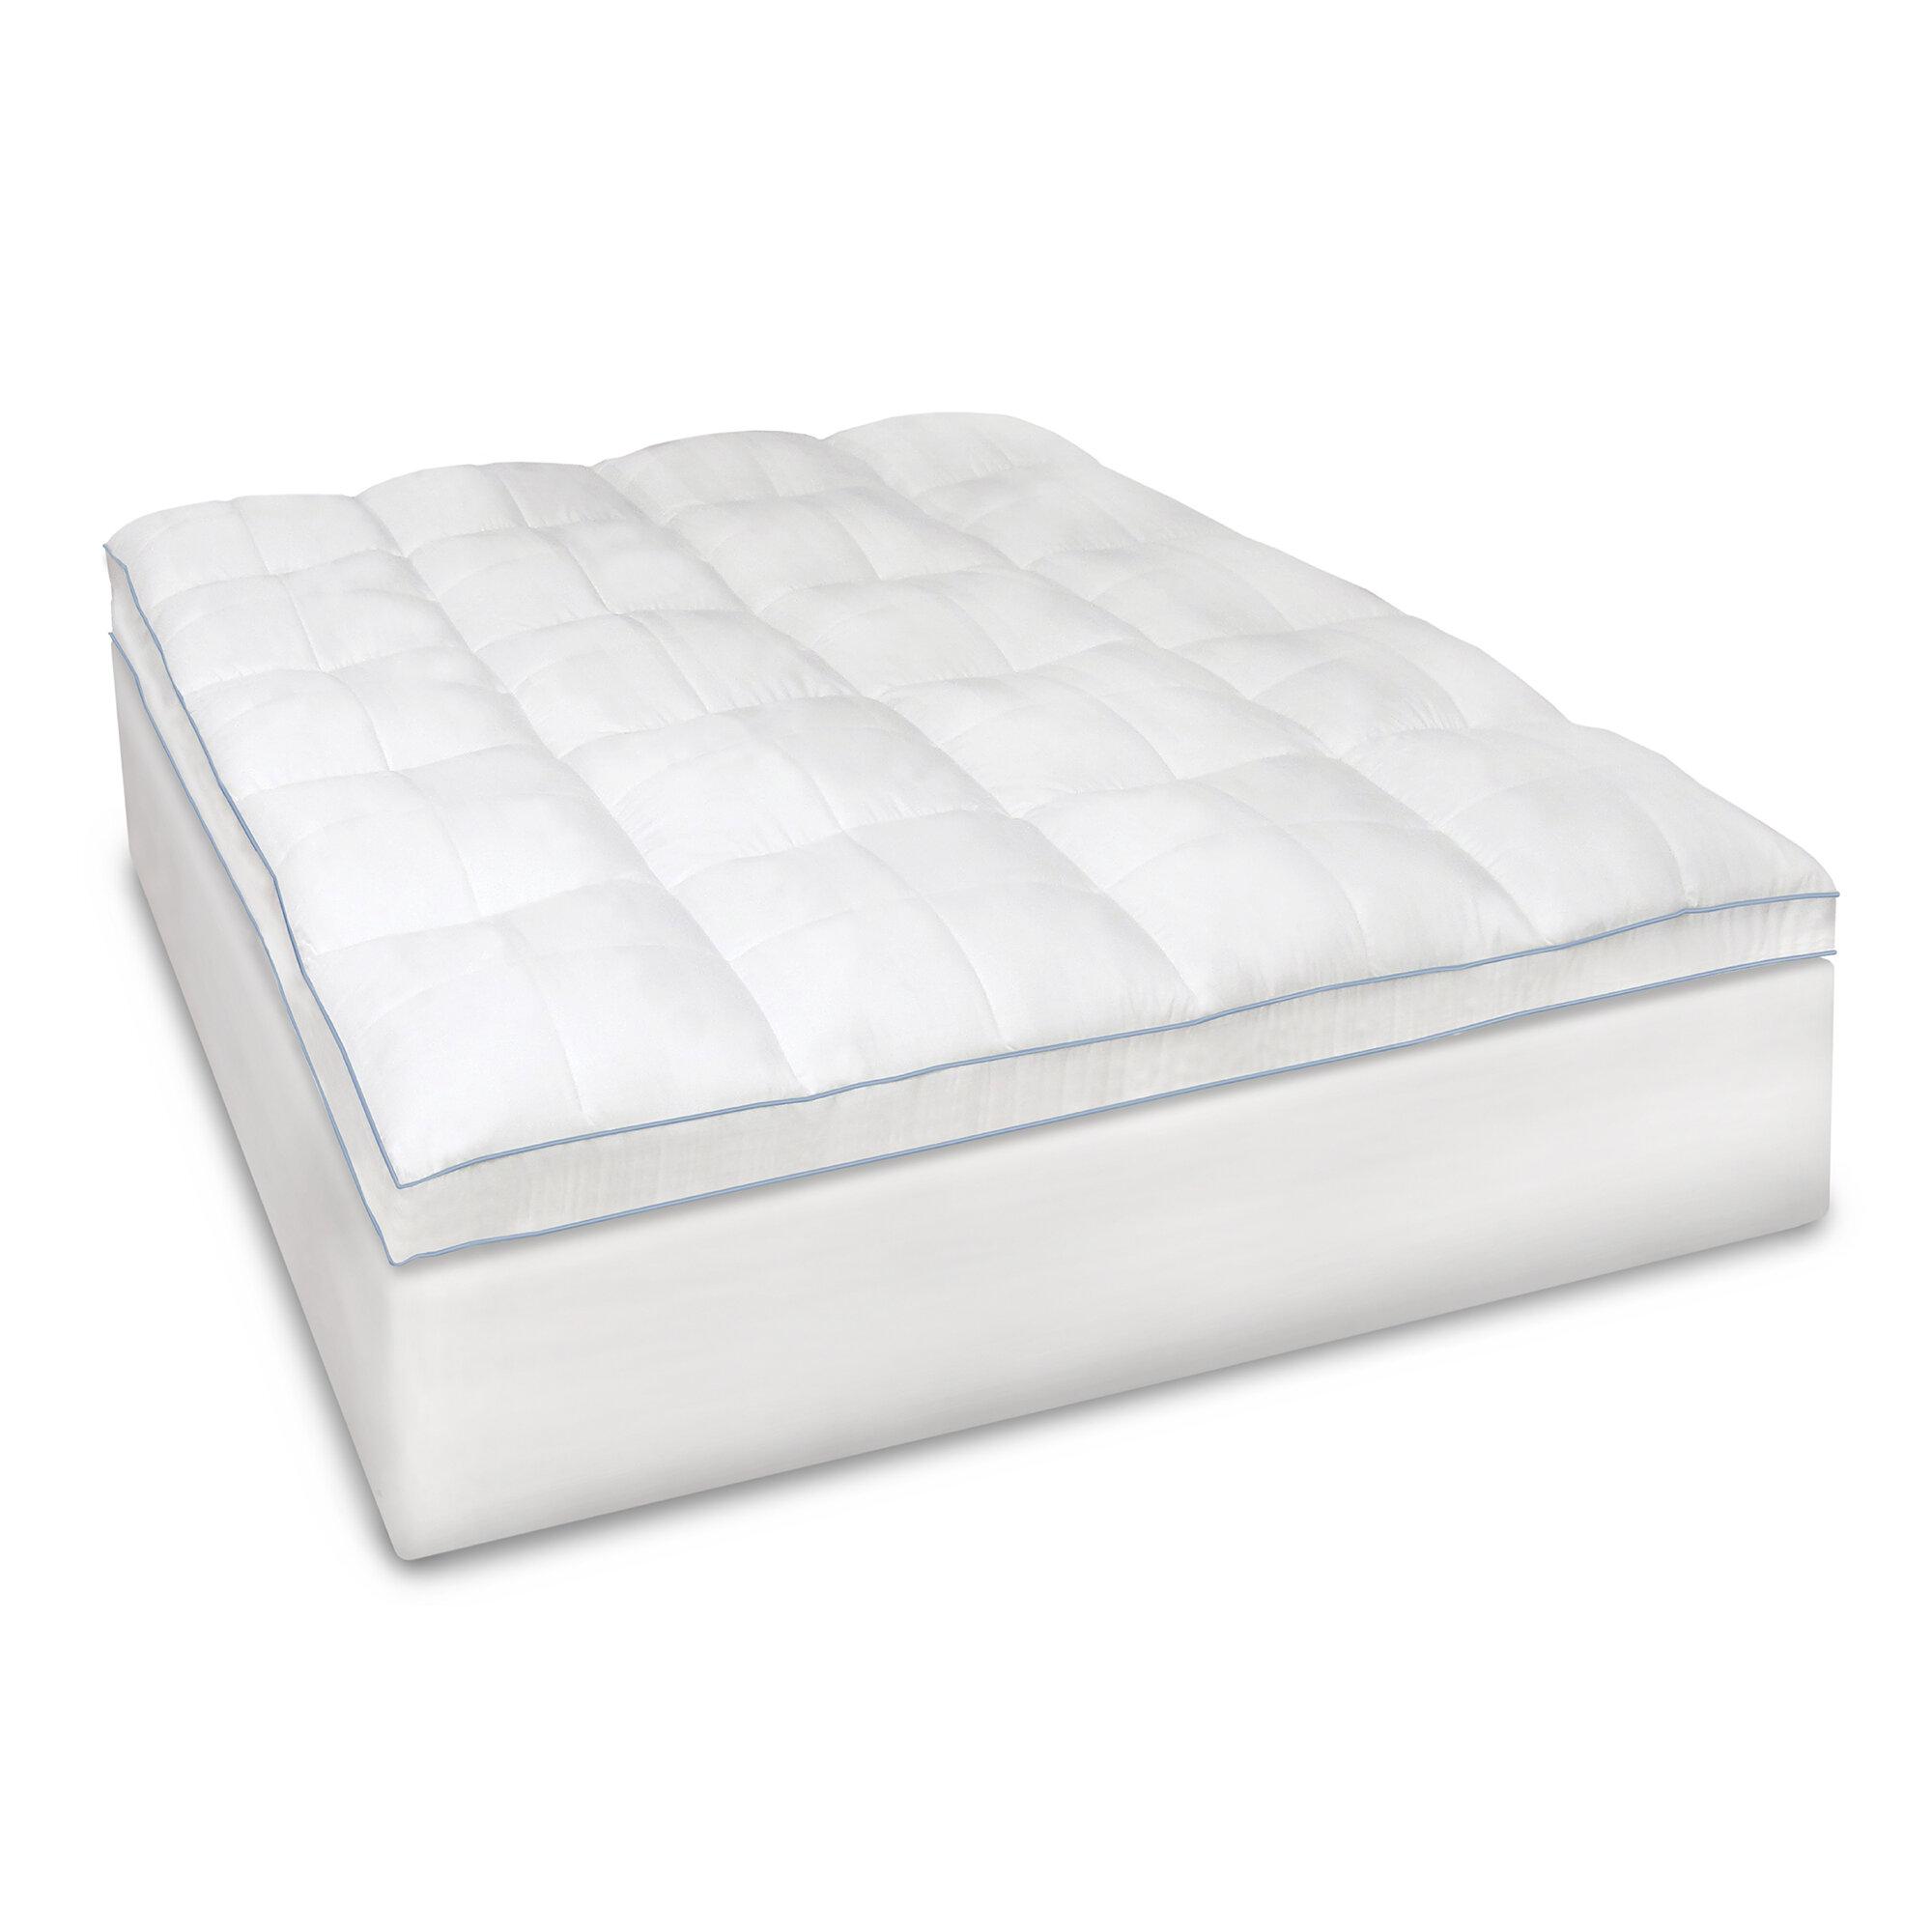 decorative mattress cover. Supreme 3.5\ Decorative Mattress Cover